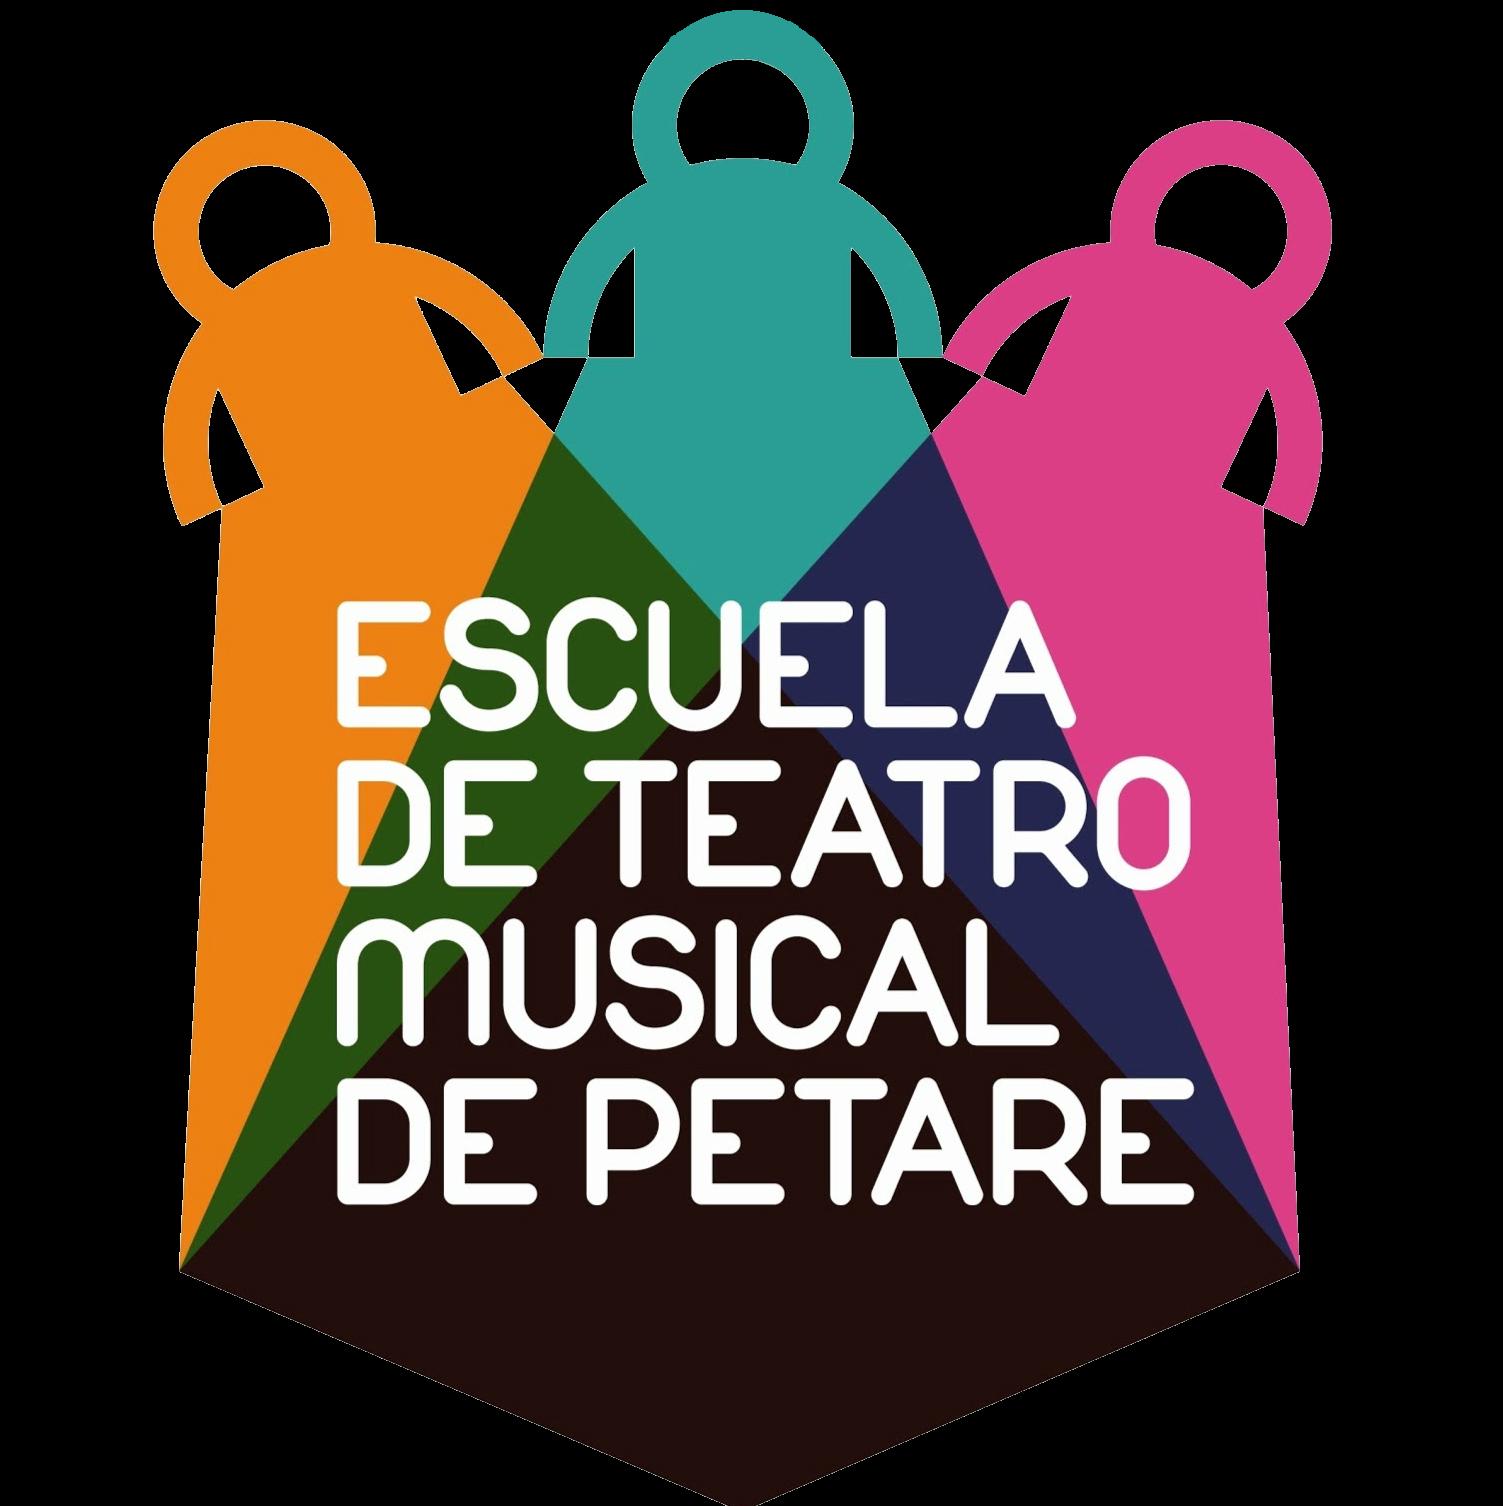 Escuela de Teatro Musical de Petare